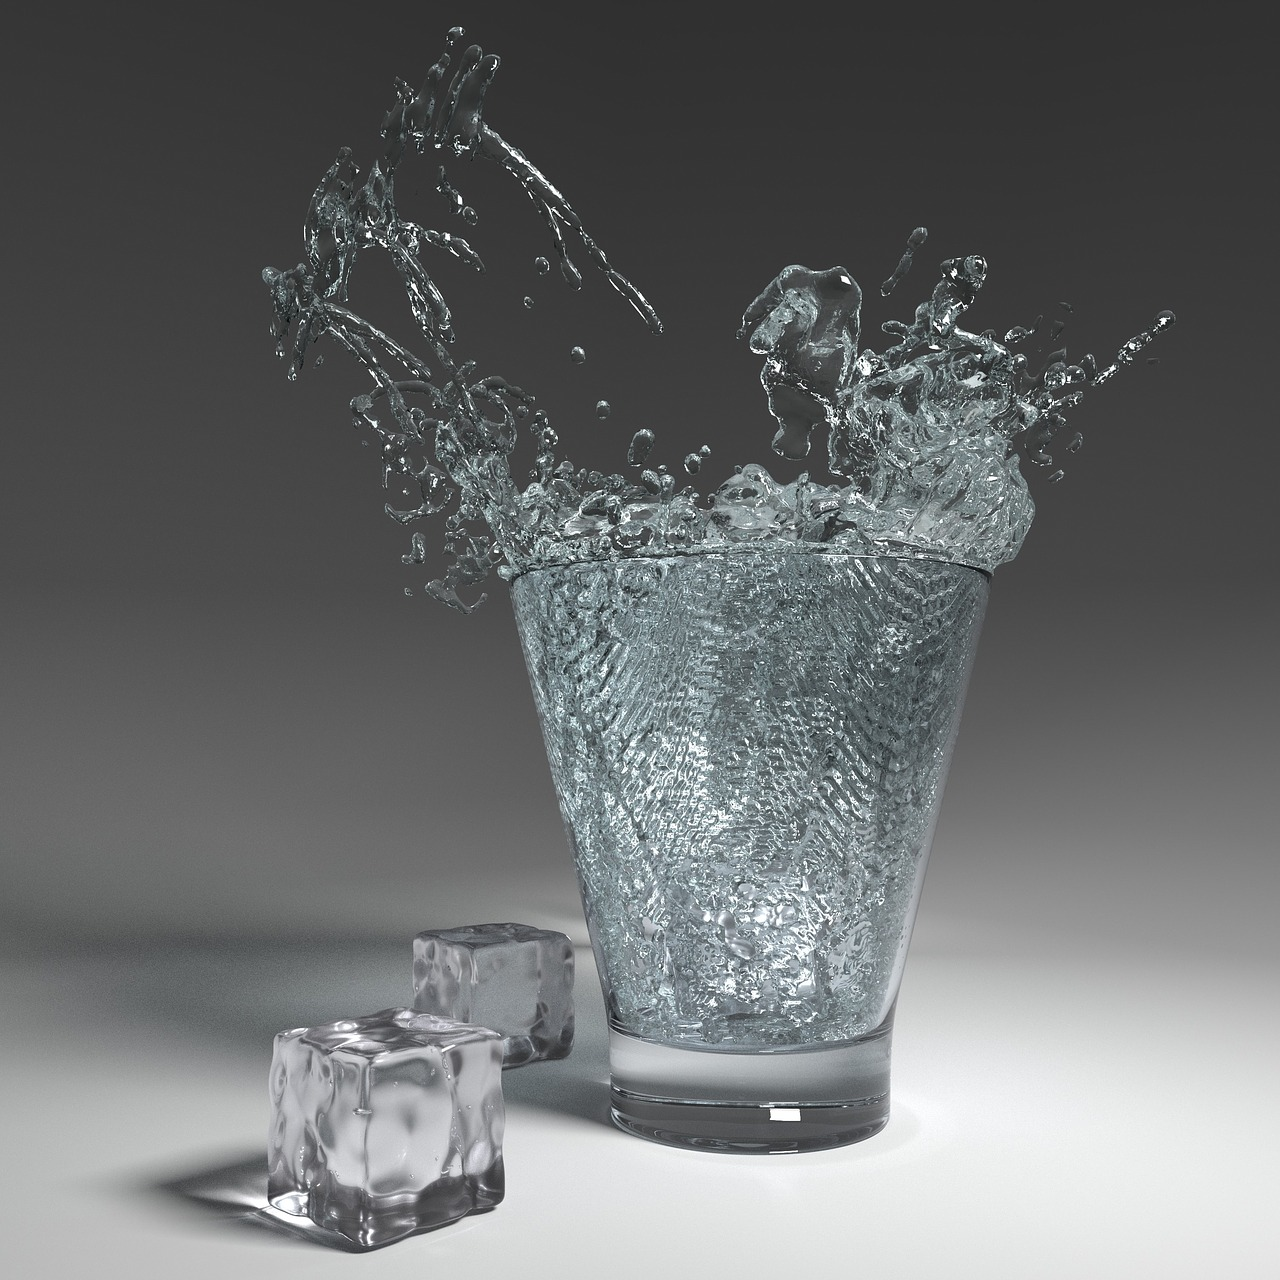 Una adecuada hidratación